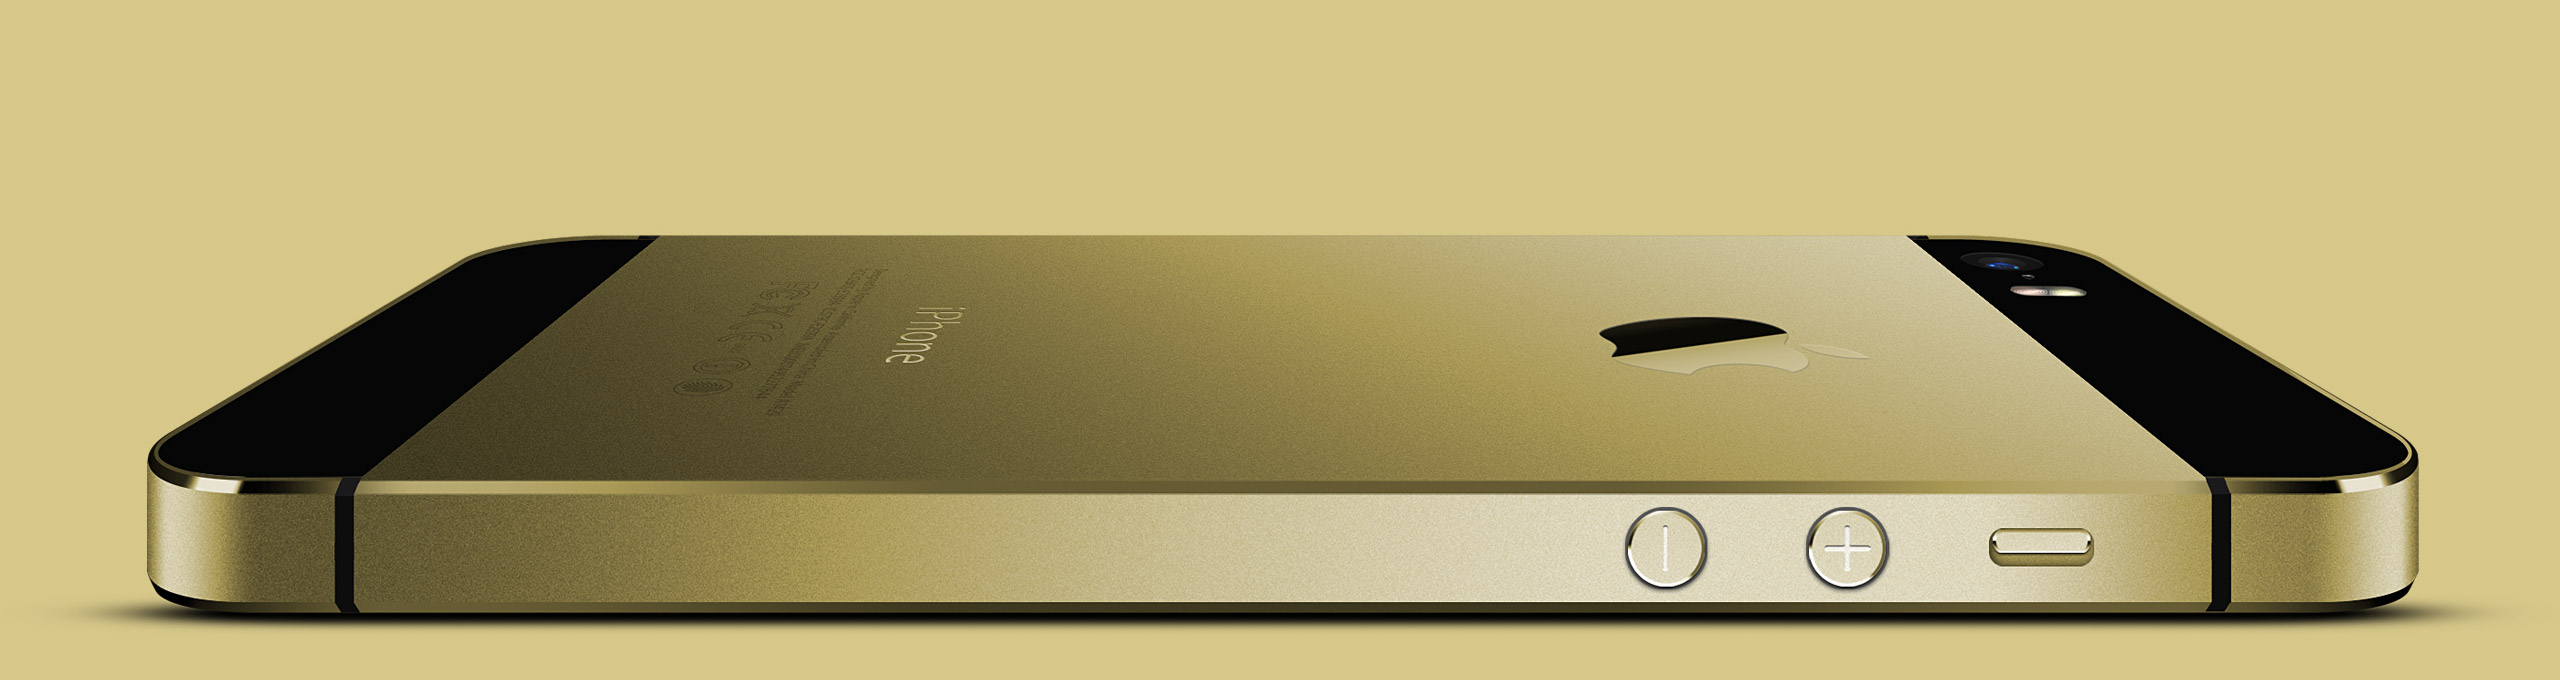 Золотой iPhone 5s, вид сбоку